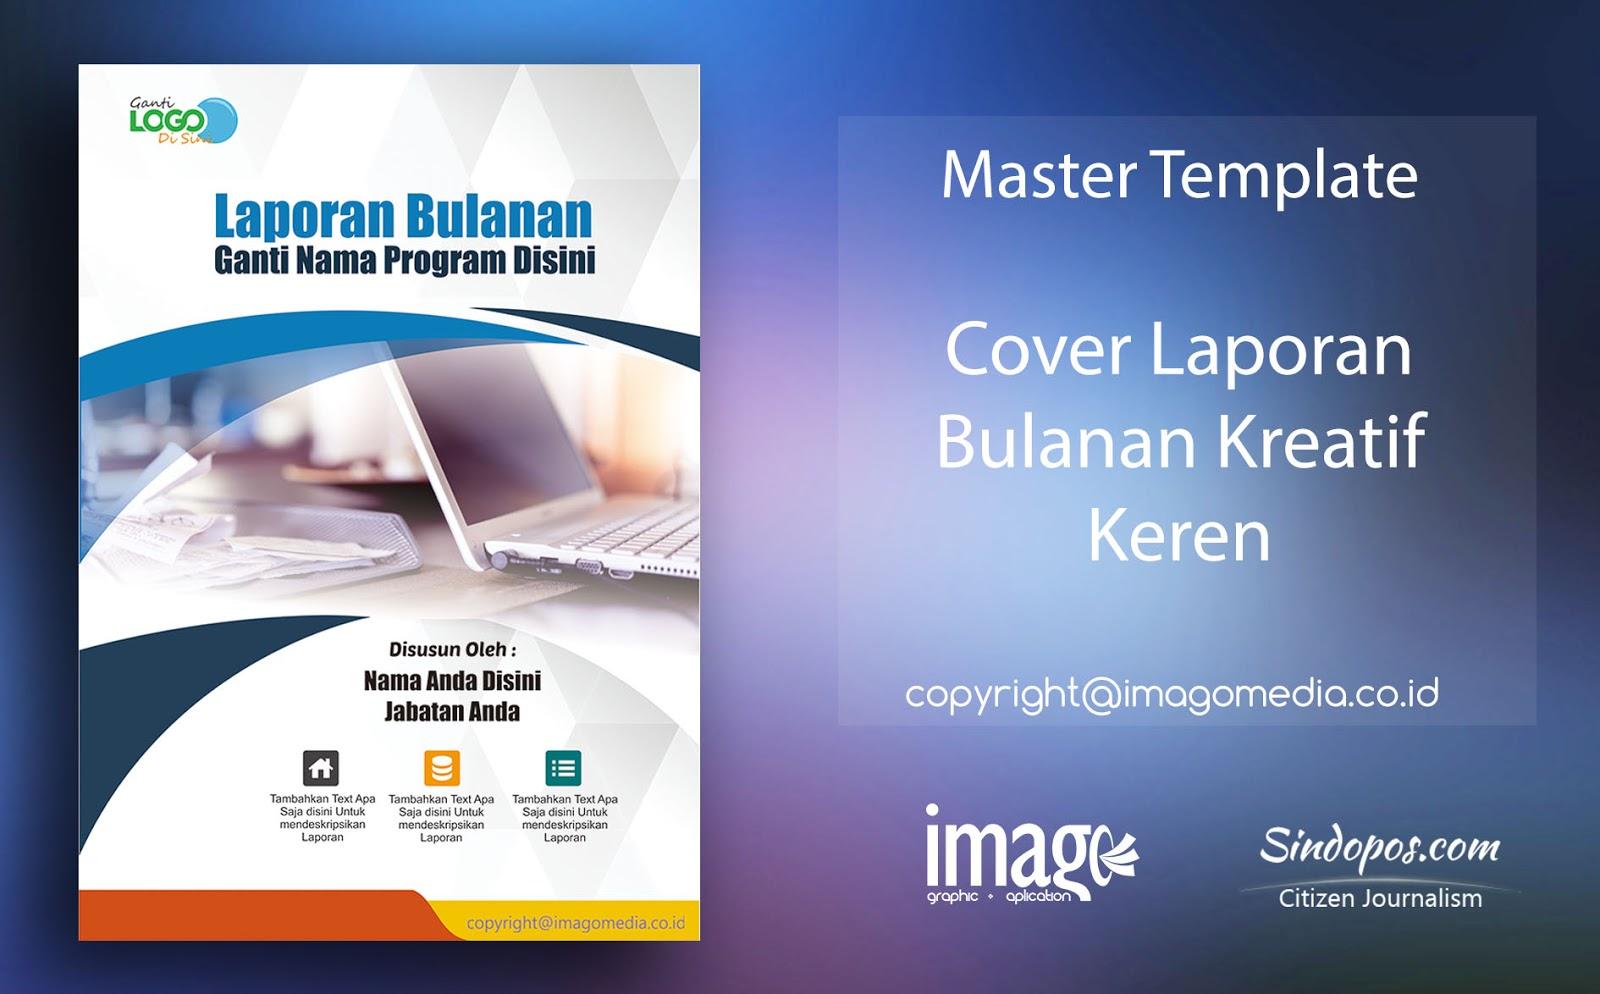 Download Template Desain Cover Laporan Bulanan Kreatif Keren Imago Media Home Of Creativity